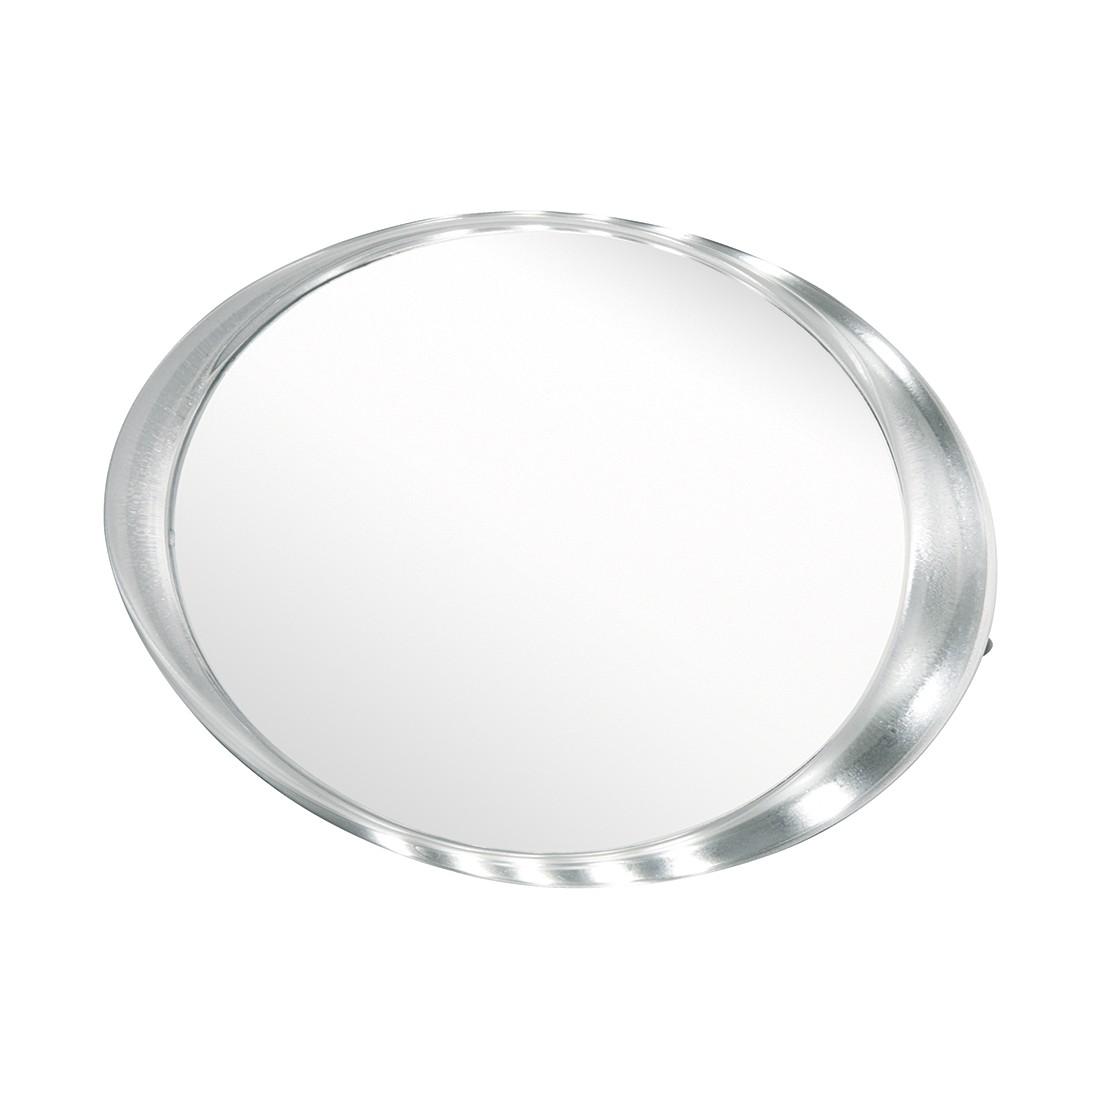 Wand-/Standspiegel Kate – Chrom, mit LED-Beleuchtung, Sanwood günstig online kaufen